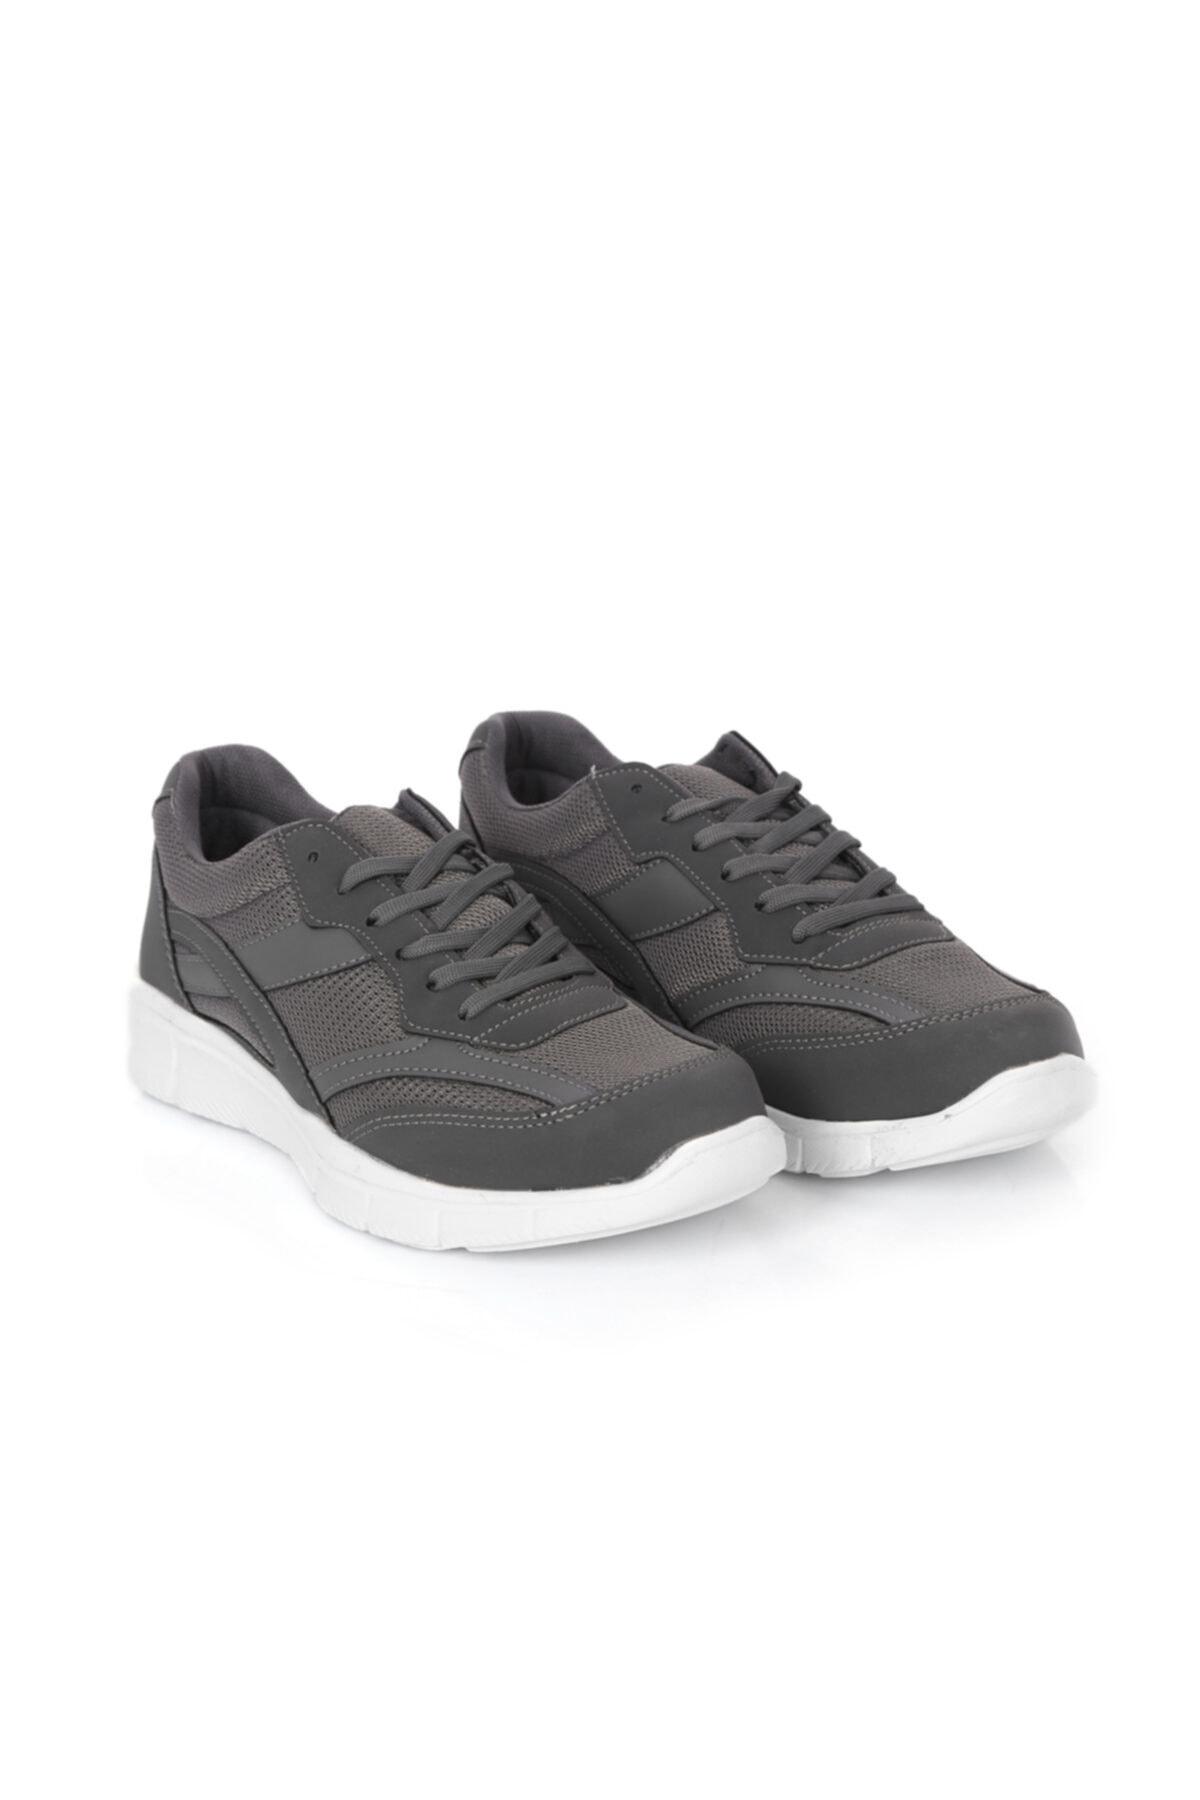 کفش مخصوص پیاده روی مردانه ارزان برند Rock & Roll رنگ نقره ای کد ty81375172